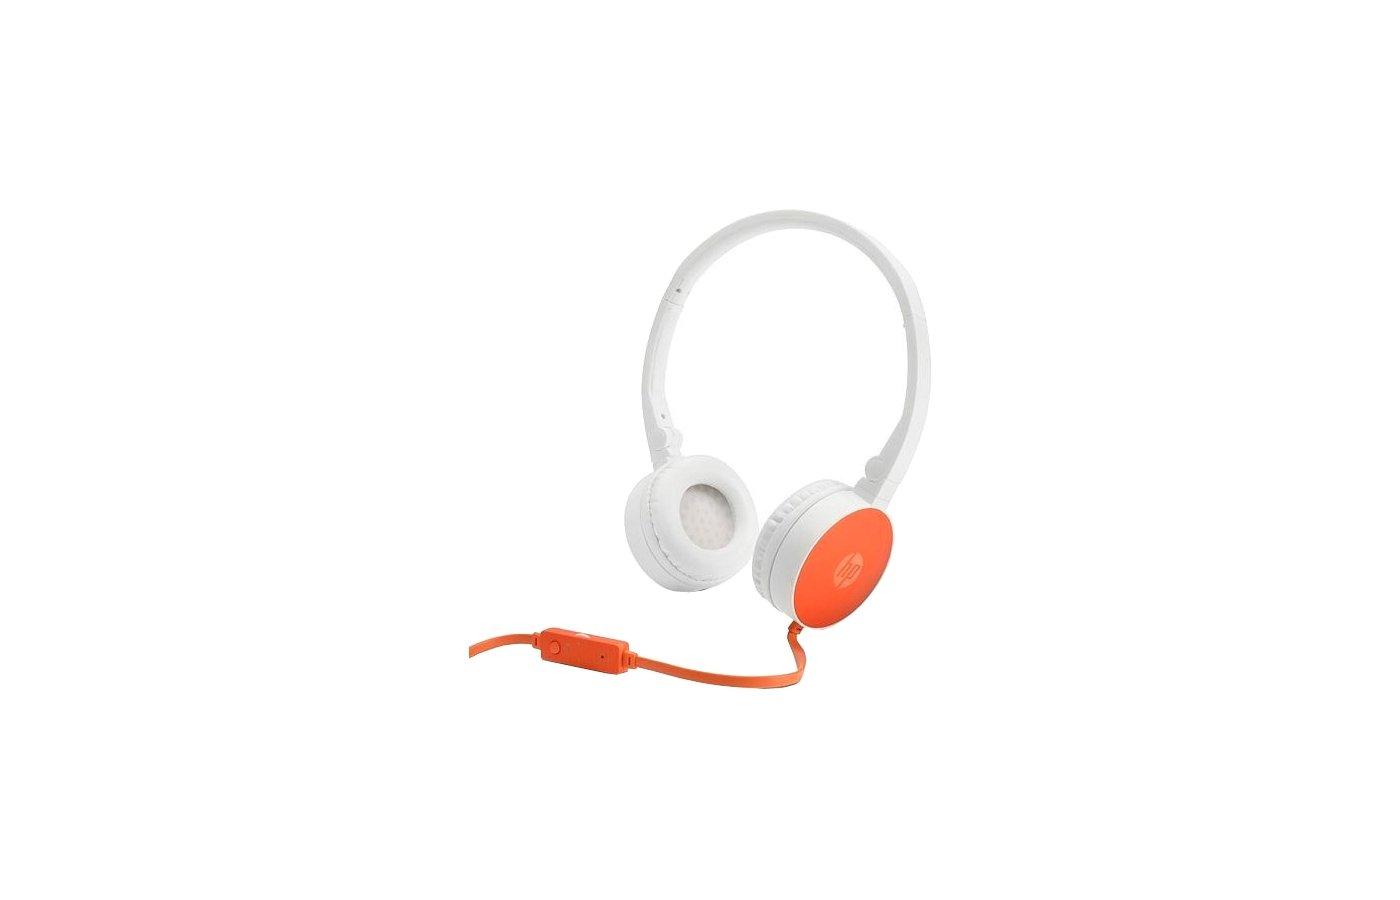 Наушники с микрофоном проводные HP H2800 1.5м оранжевый проводные (оголовье)